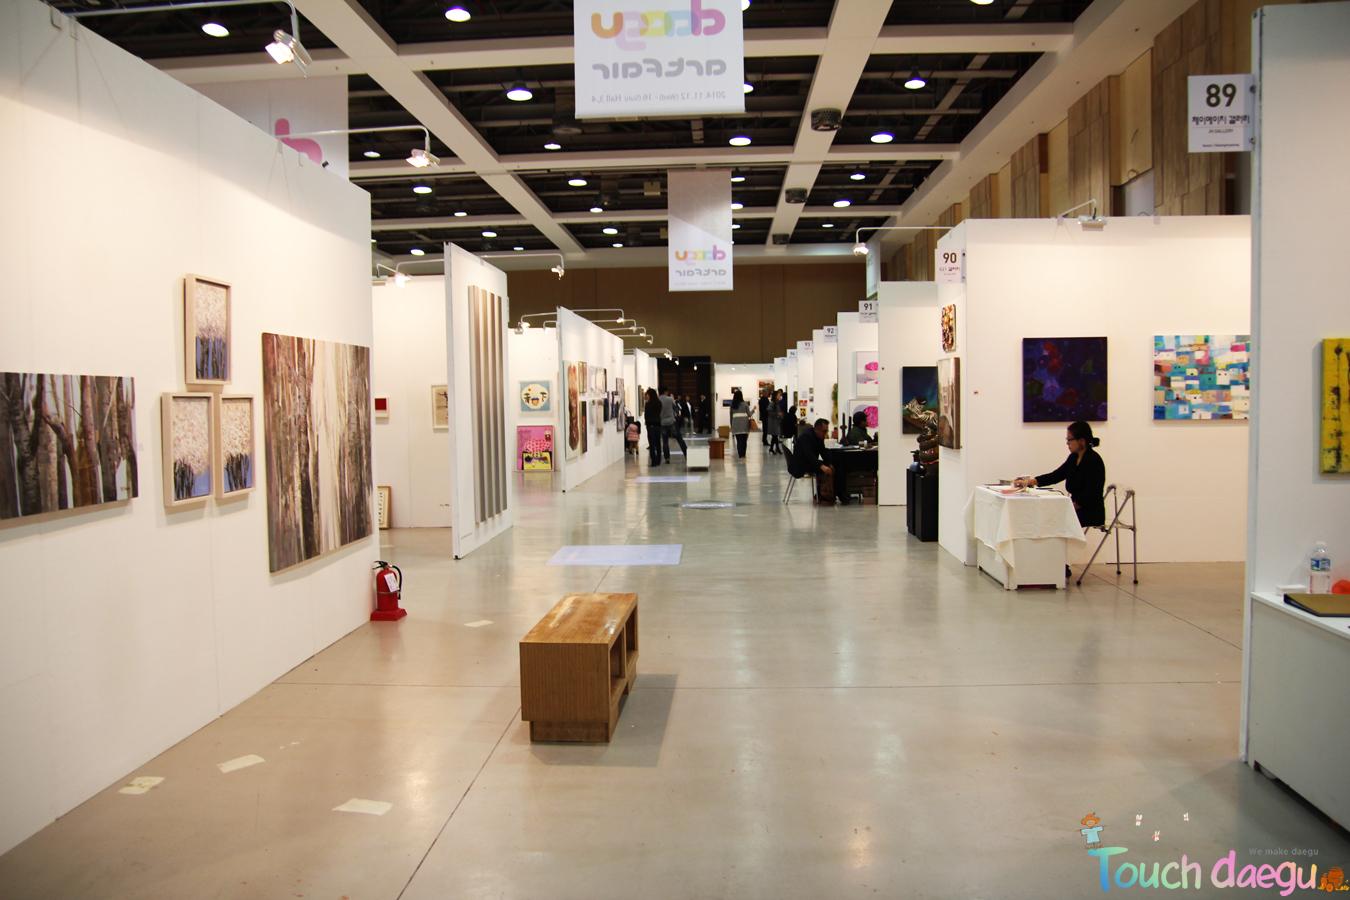 The aisle in the hall where took place Daegu Art Fair